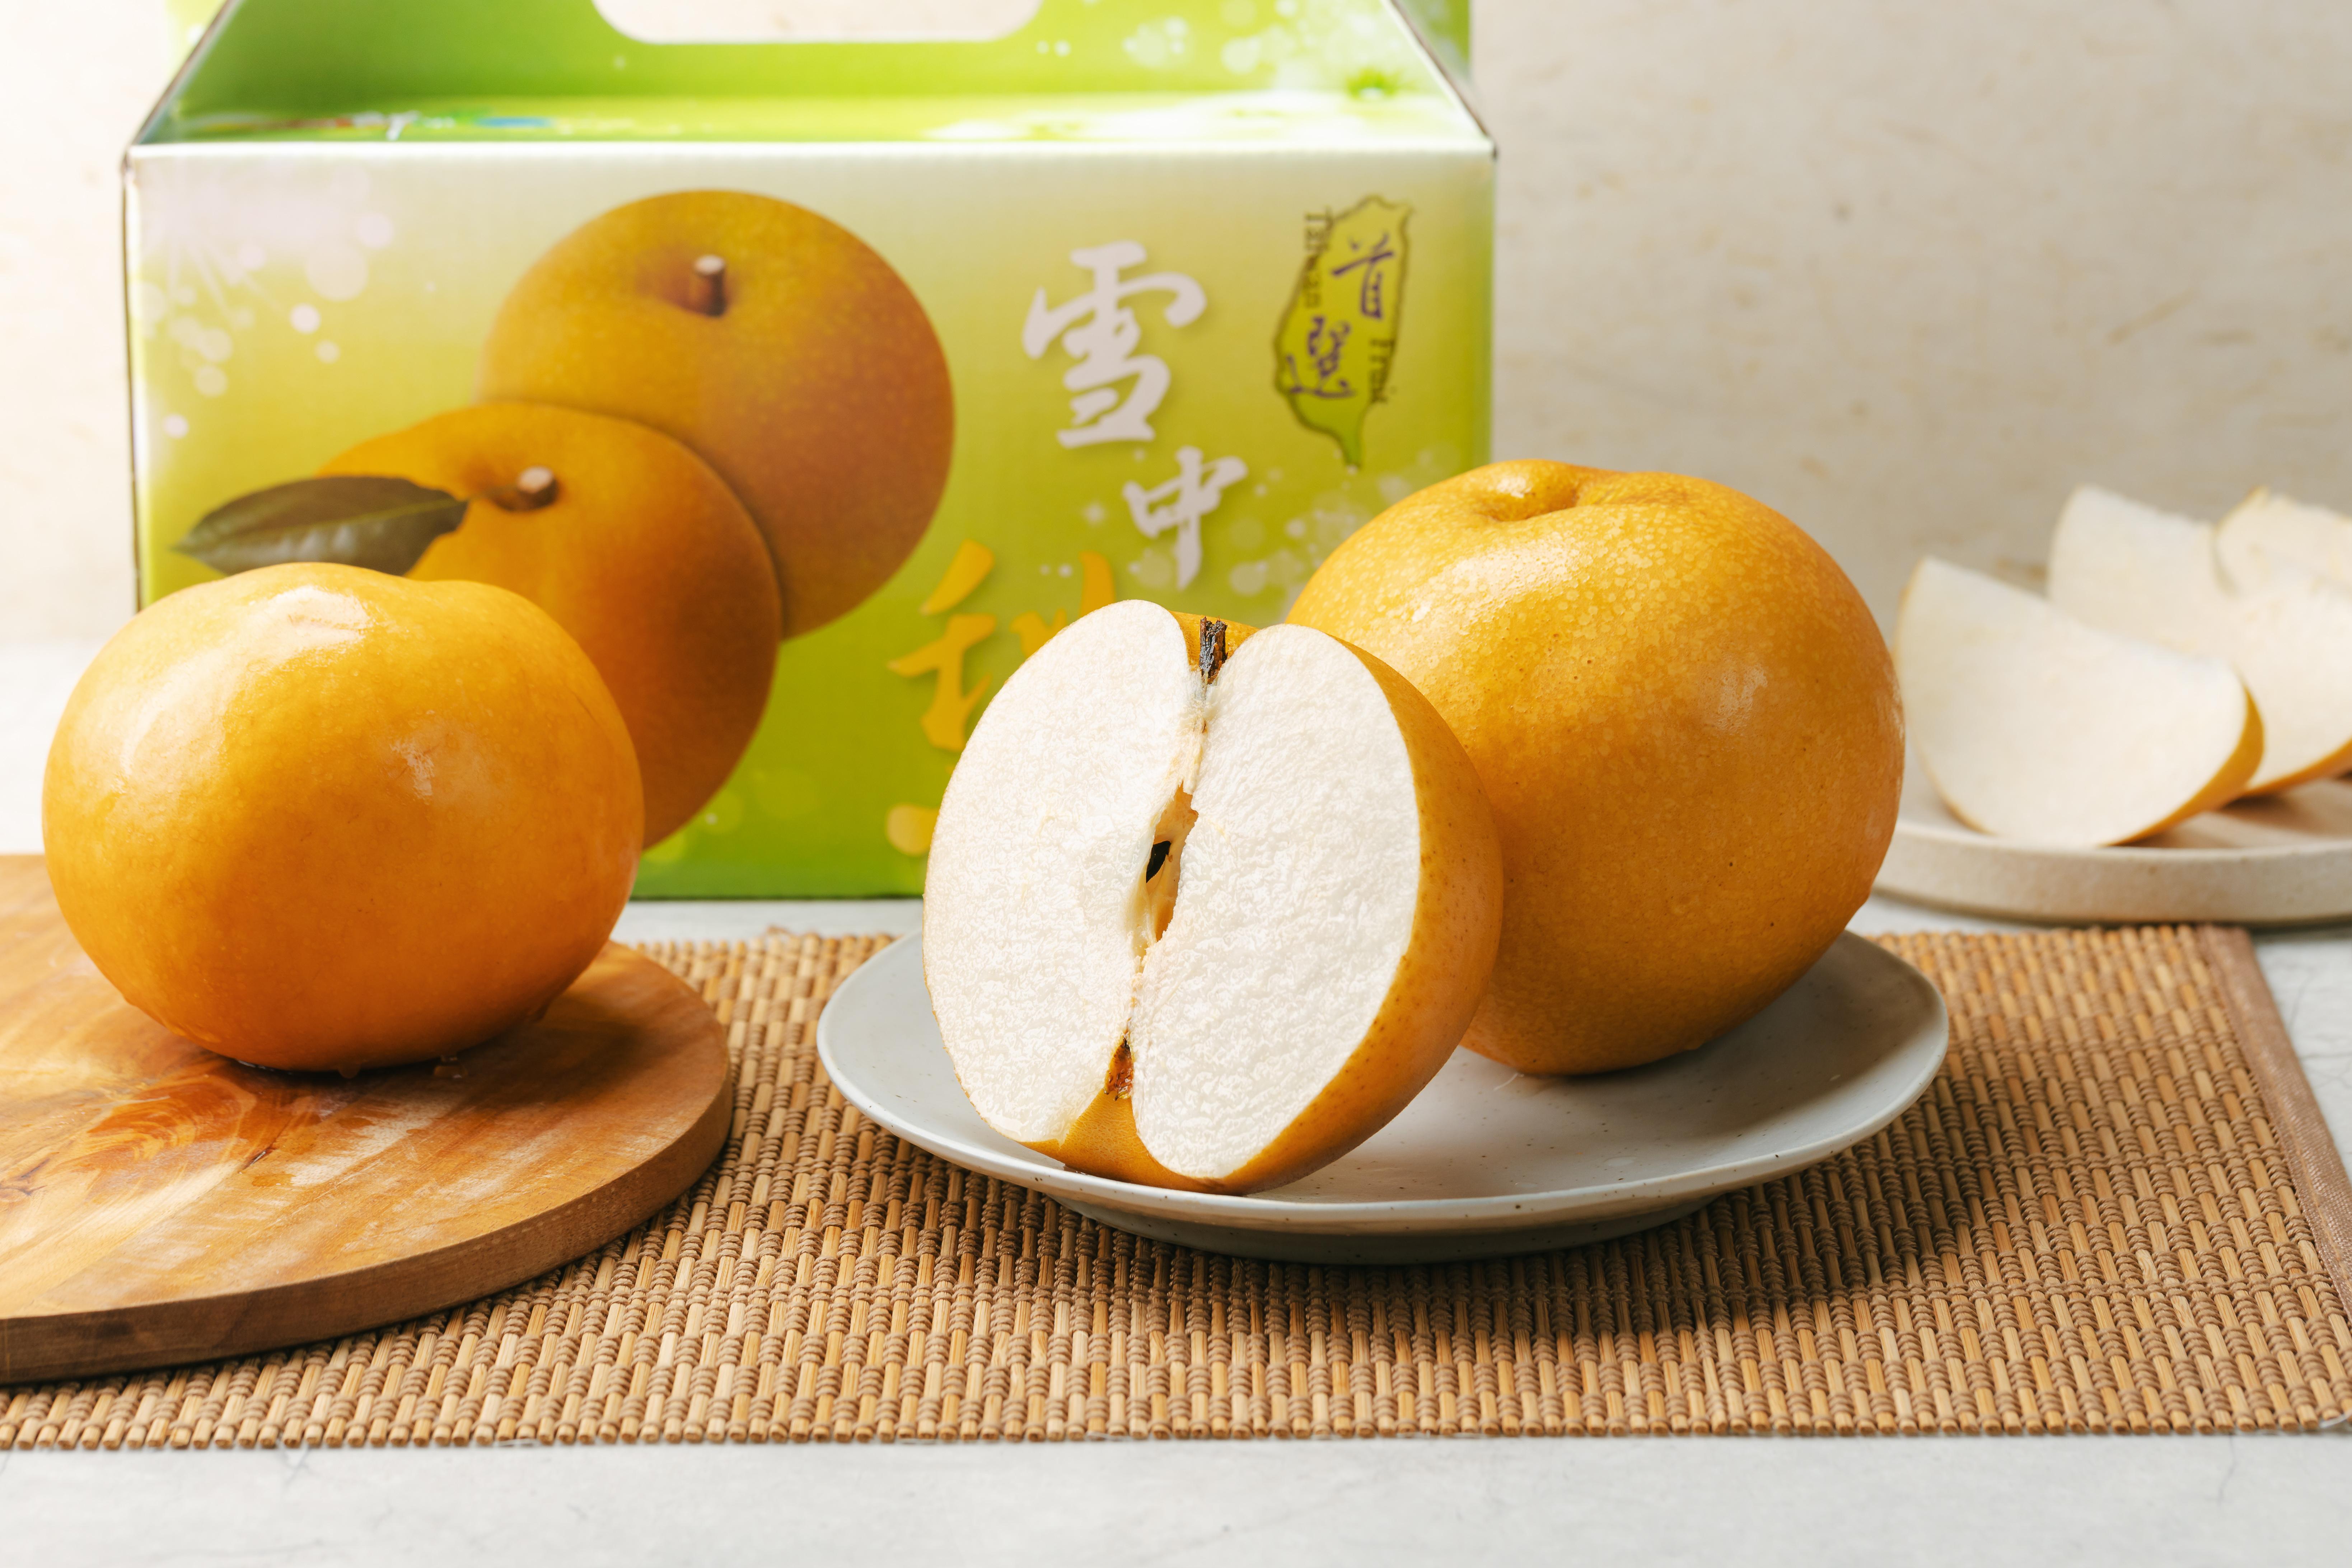 常見及稀有種梨子有哪些?|雪梨水梨不一樣!分辨梨子品種看這篇!